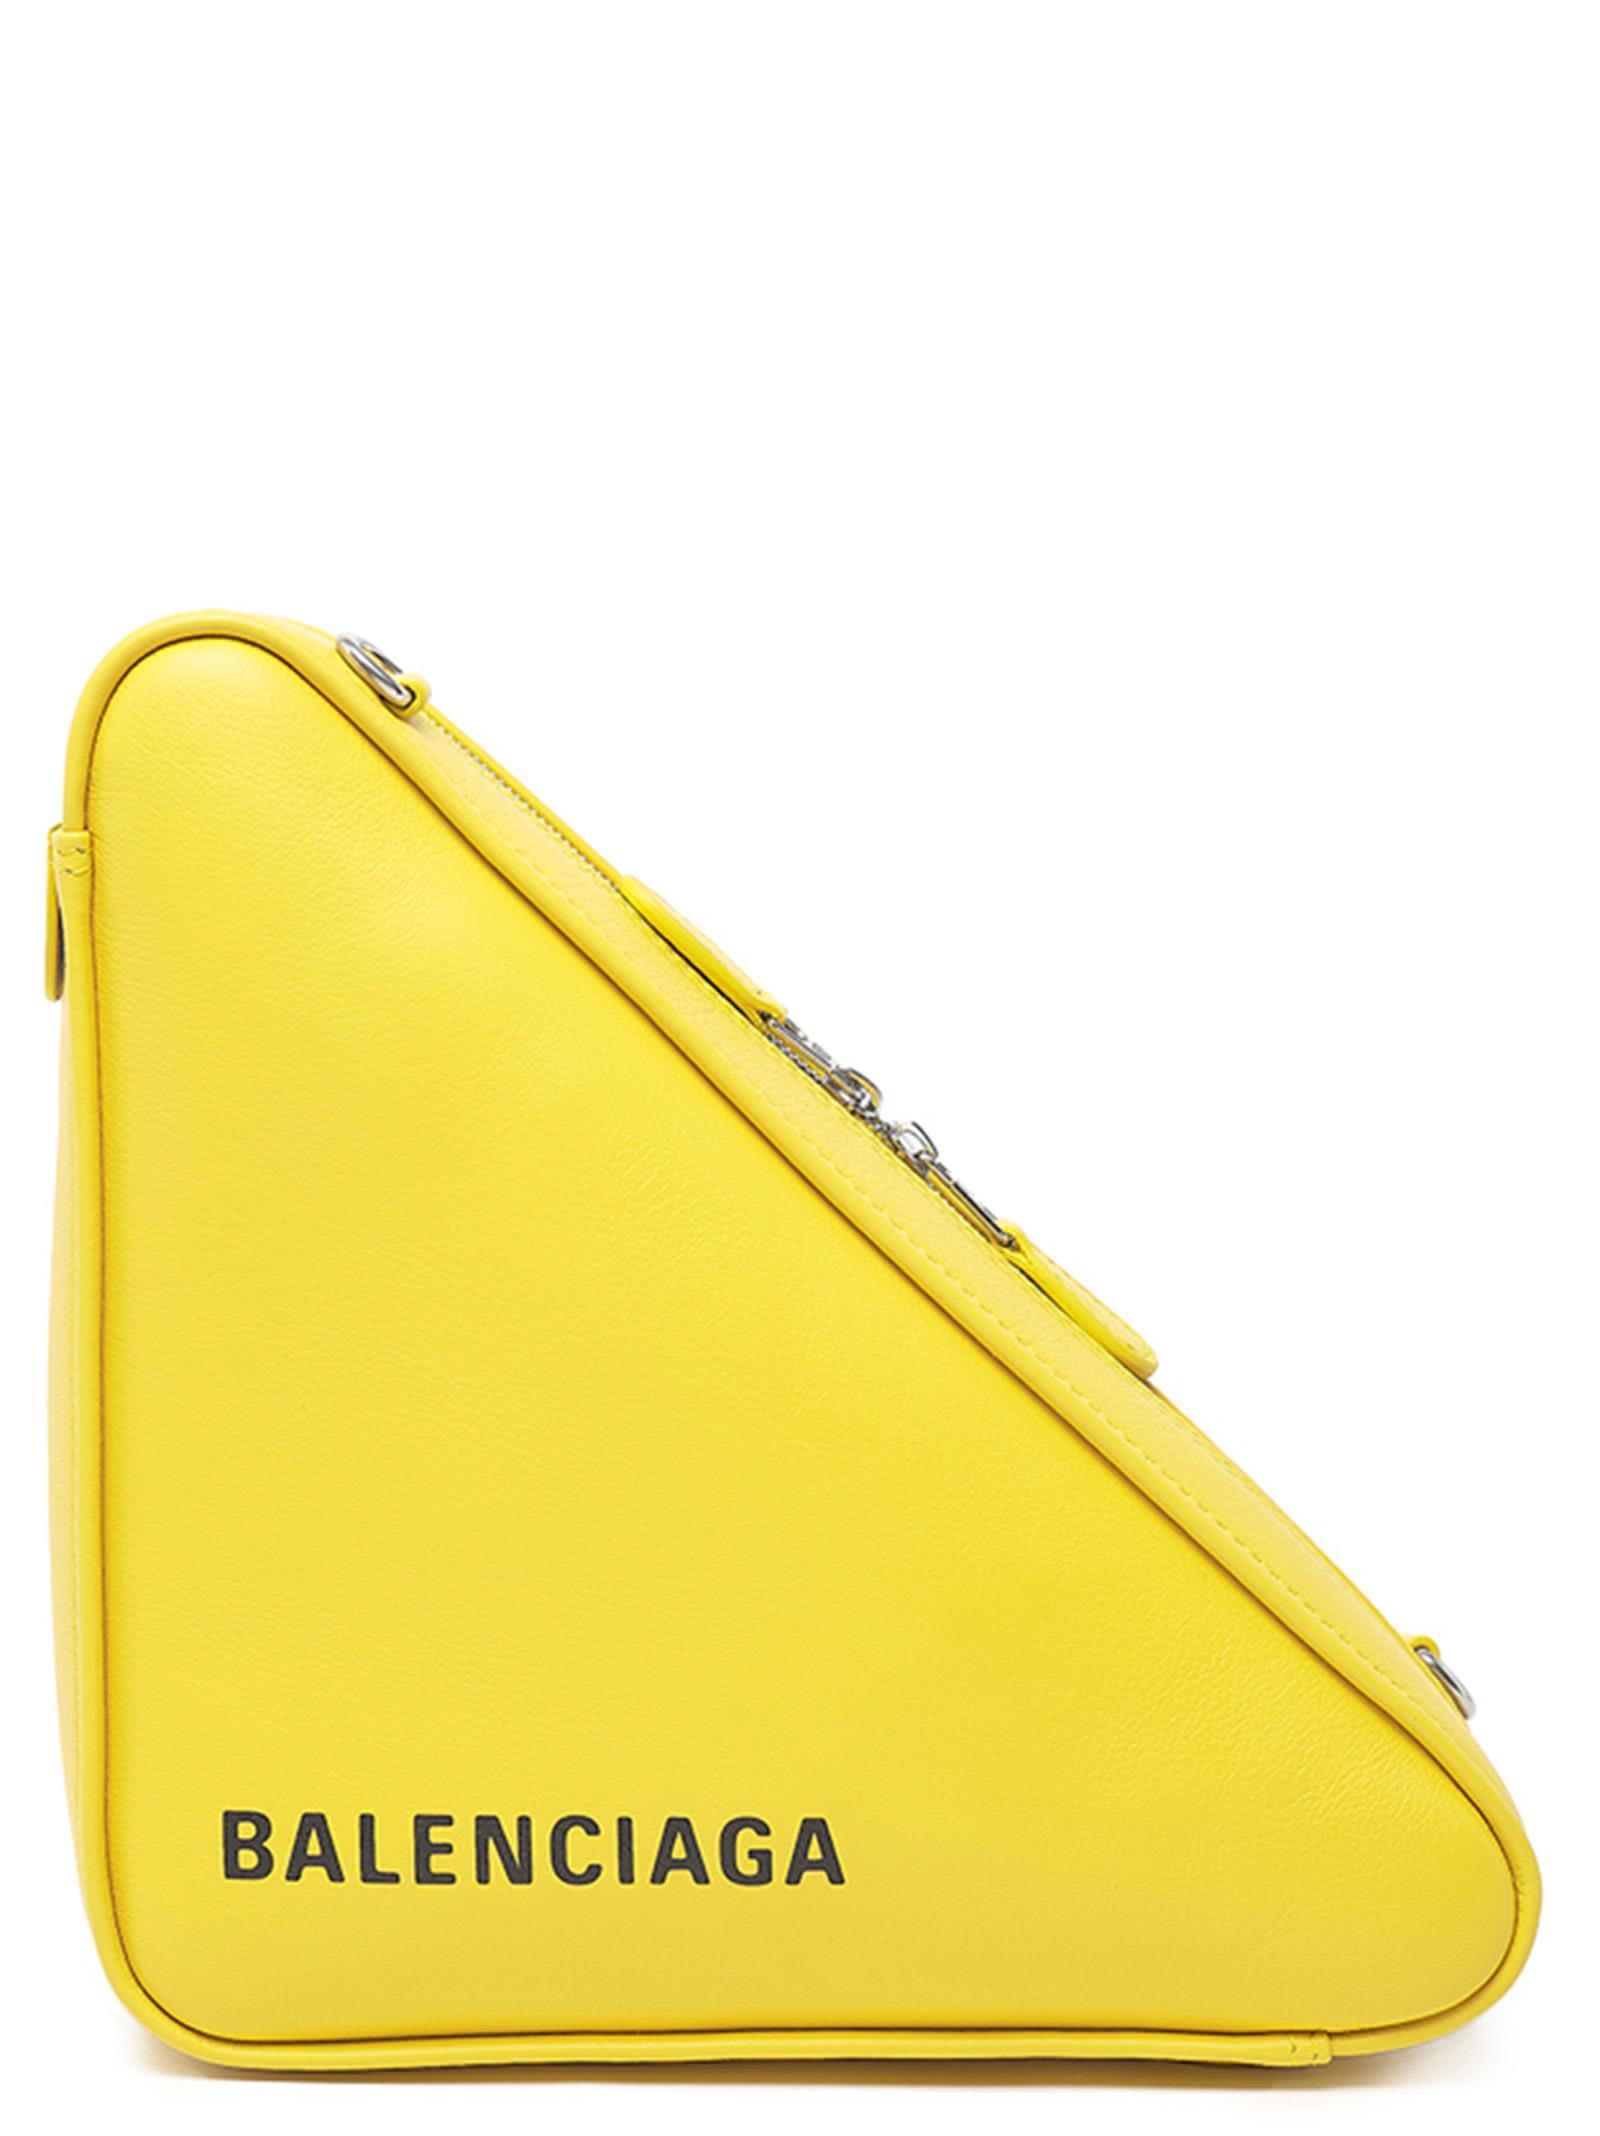 BALENCIAGA CHAIN TRIANGLE BAG